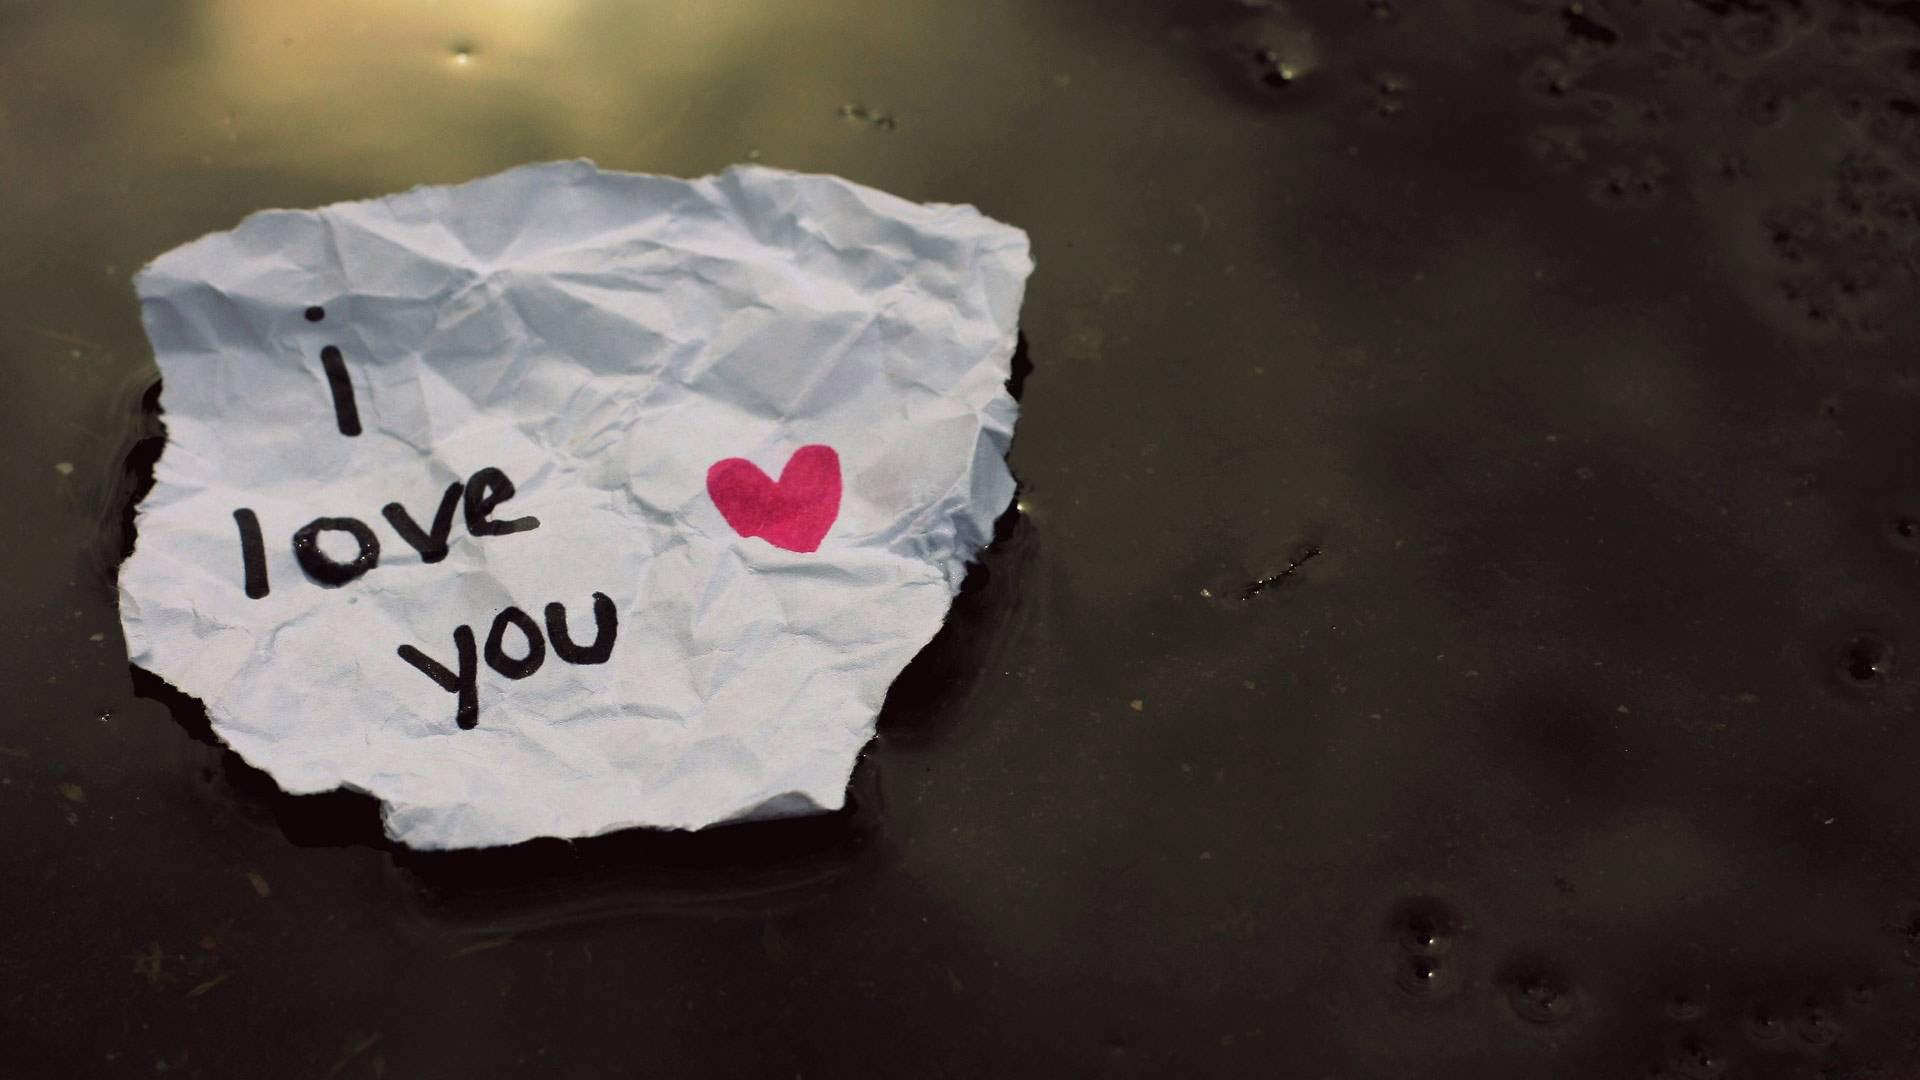 https://i2.wp.com/www.youredm.com/wp-content/uploads/2014/09/Urbanstep-I-Love-You.jpg